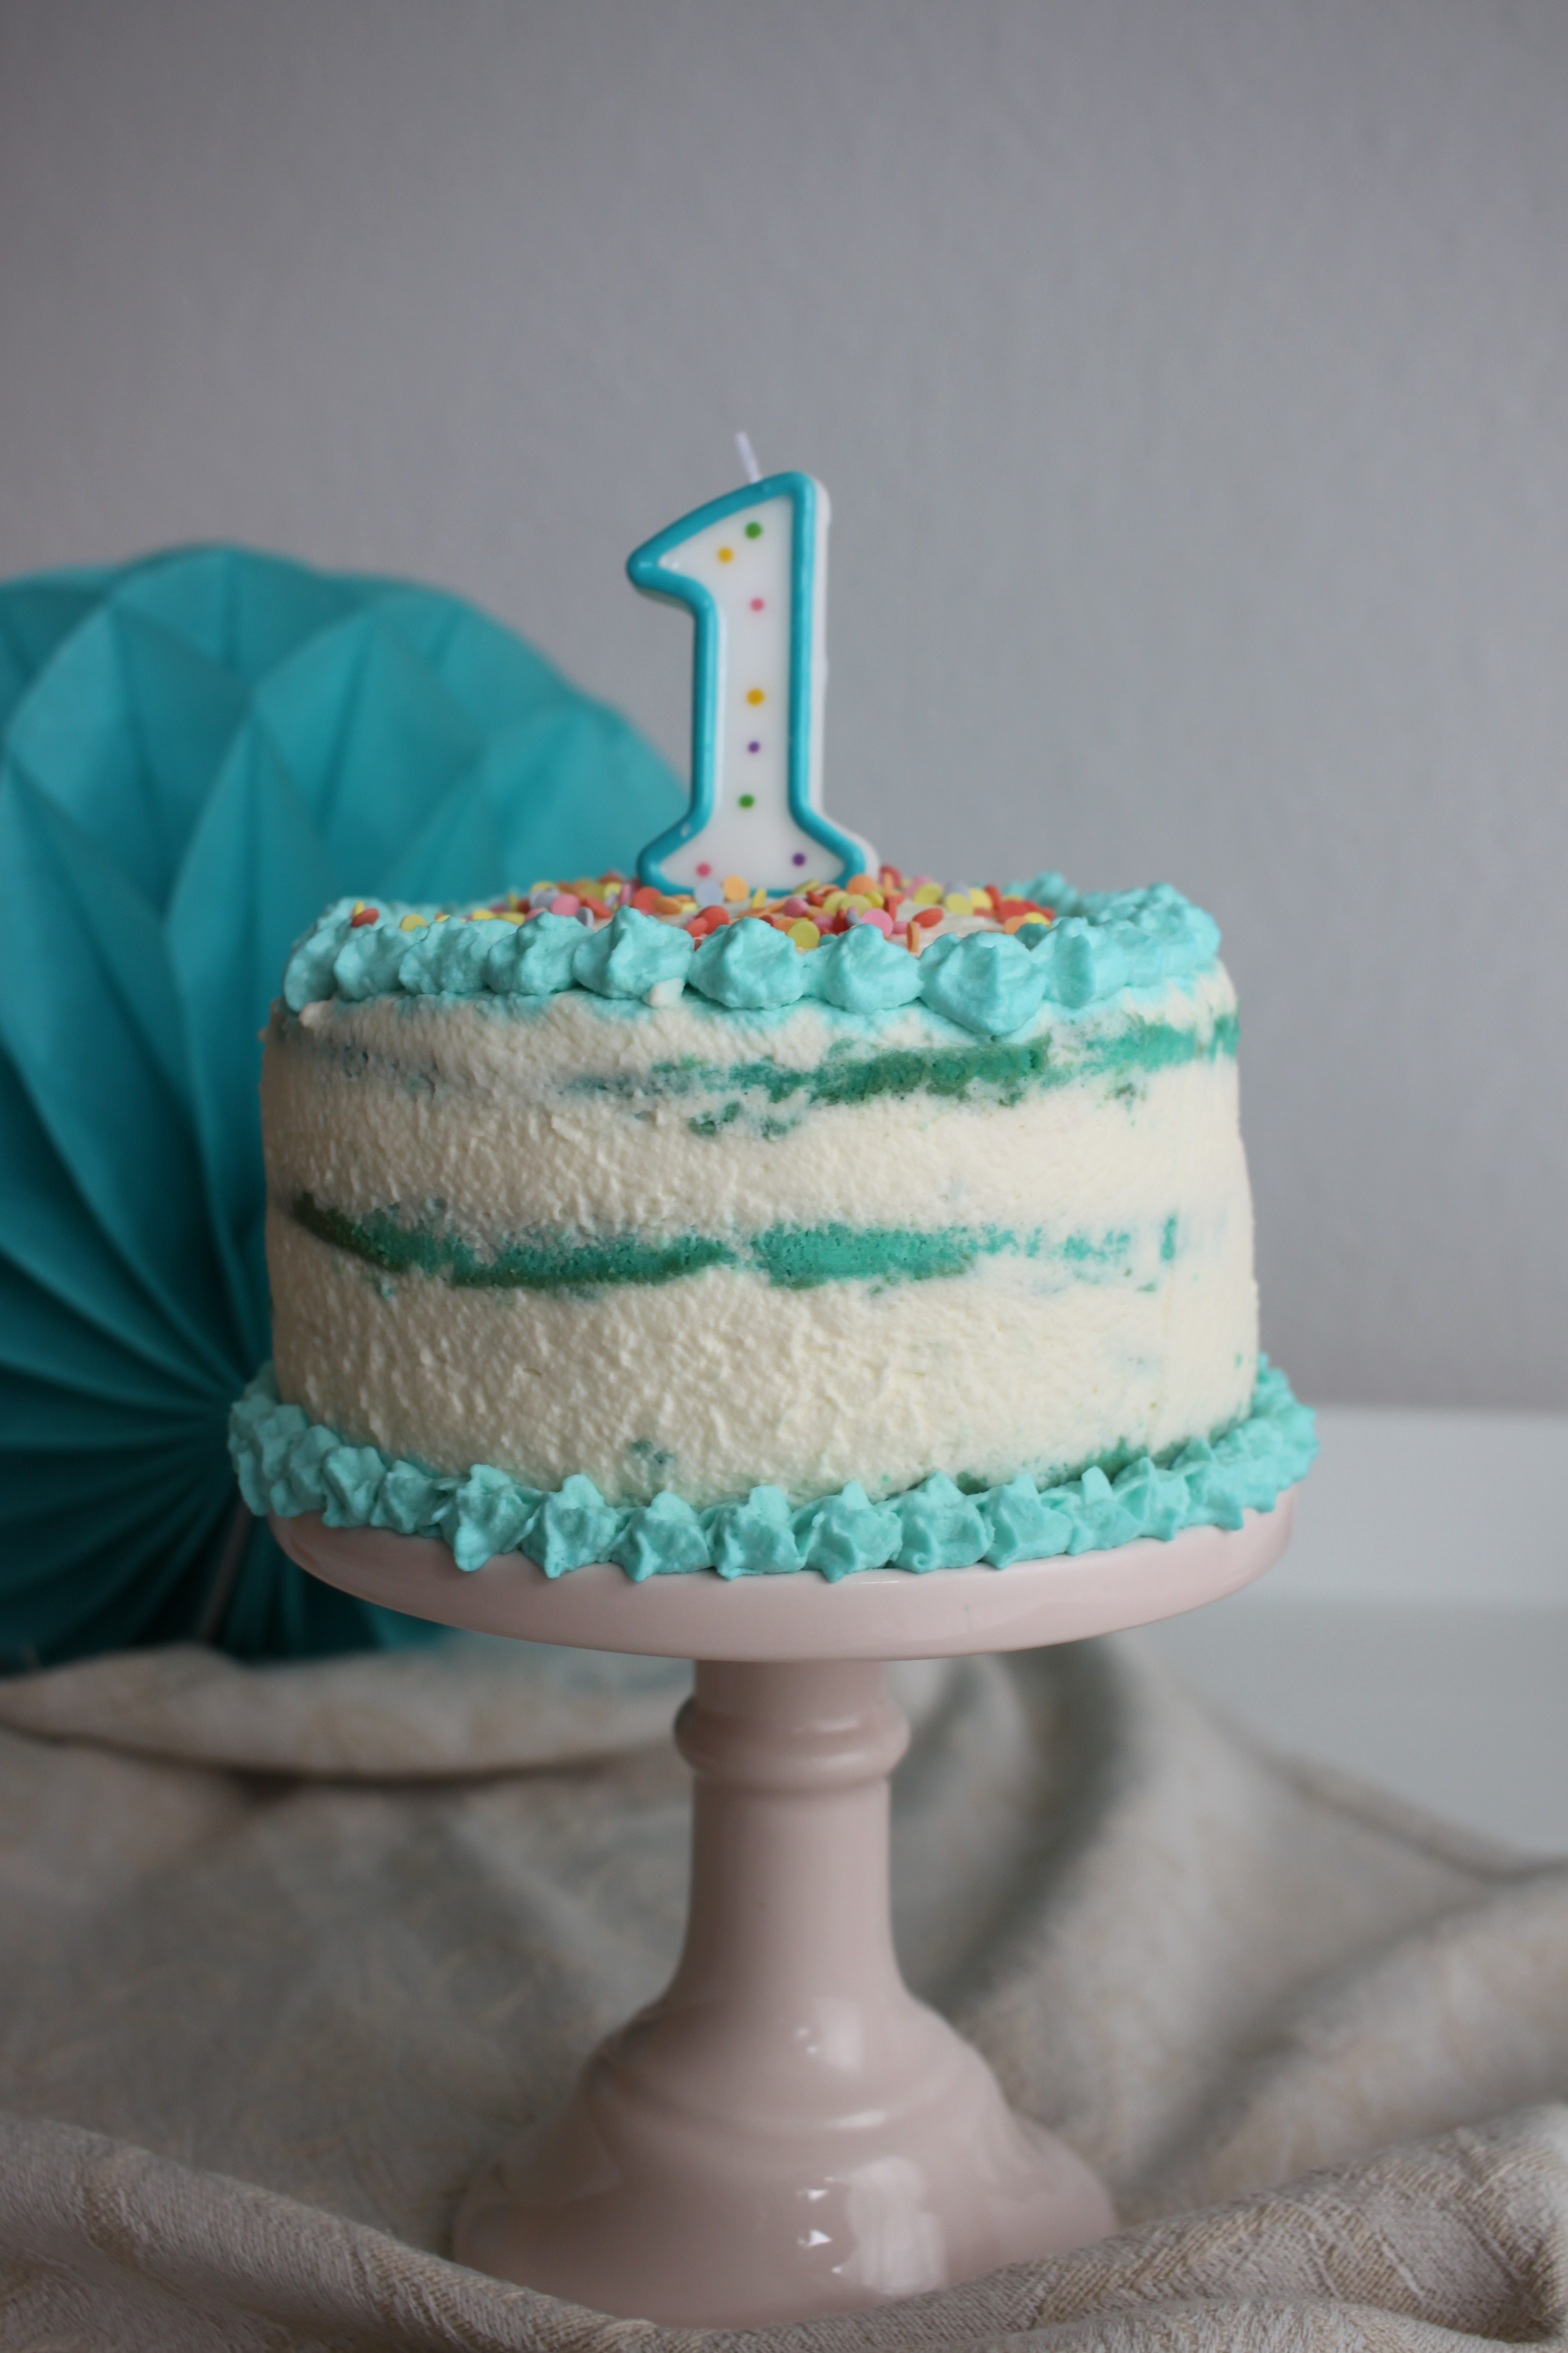 Cake smash Torten selbst herstellen